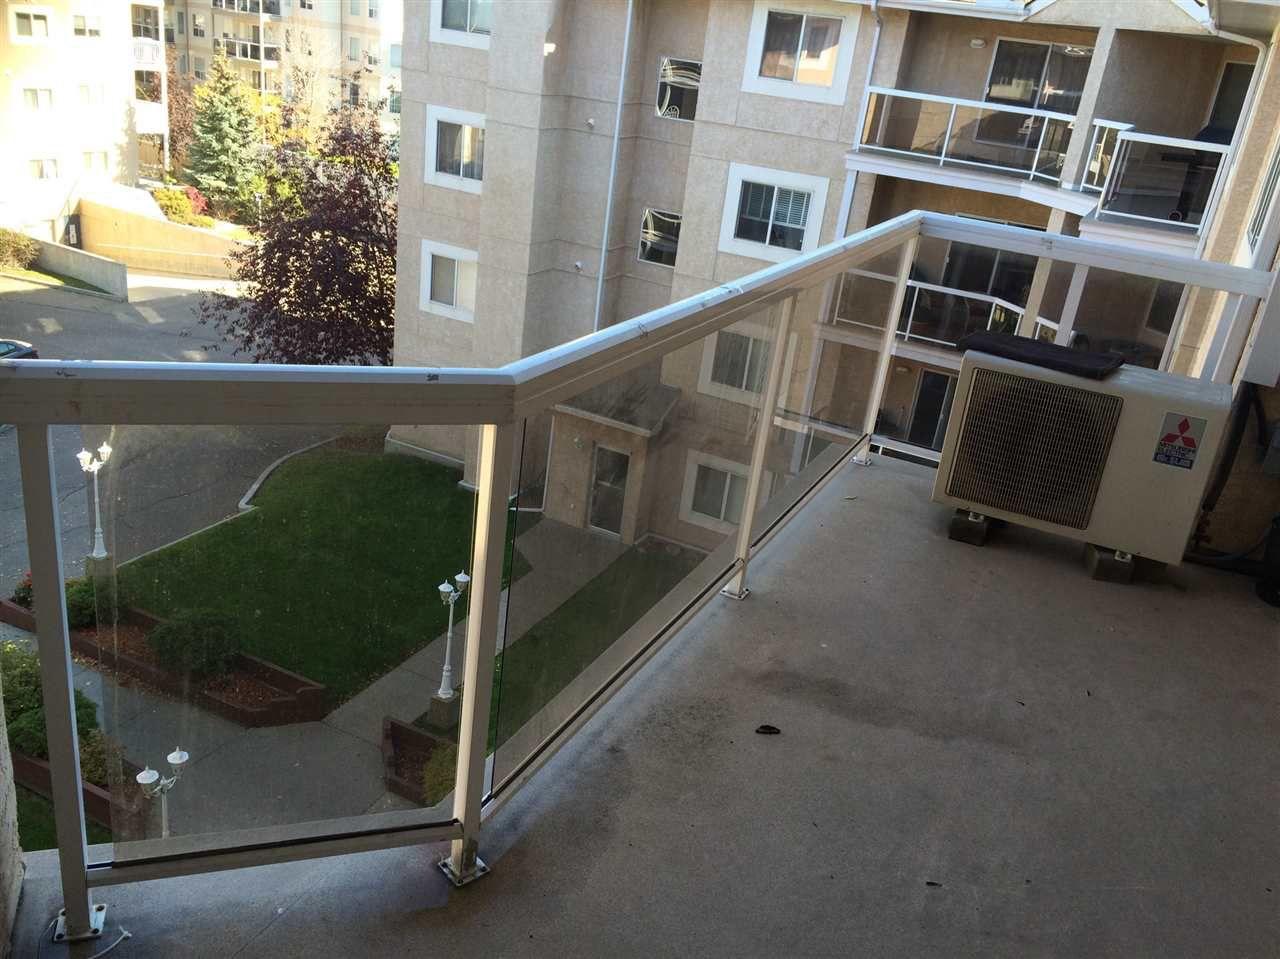 Main Photo: #421 17459 98A AV NW in Edmonton: Zone 20 Condo for sale : MLS®# E4043015